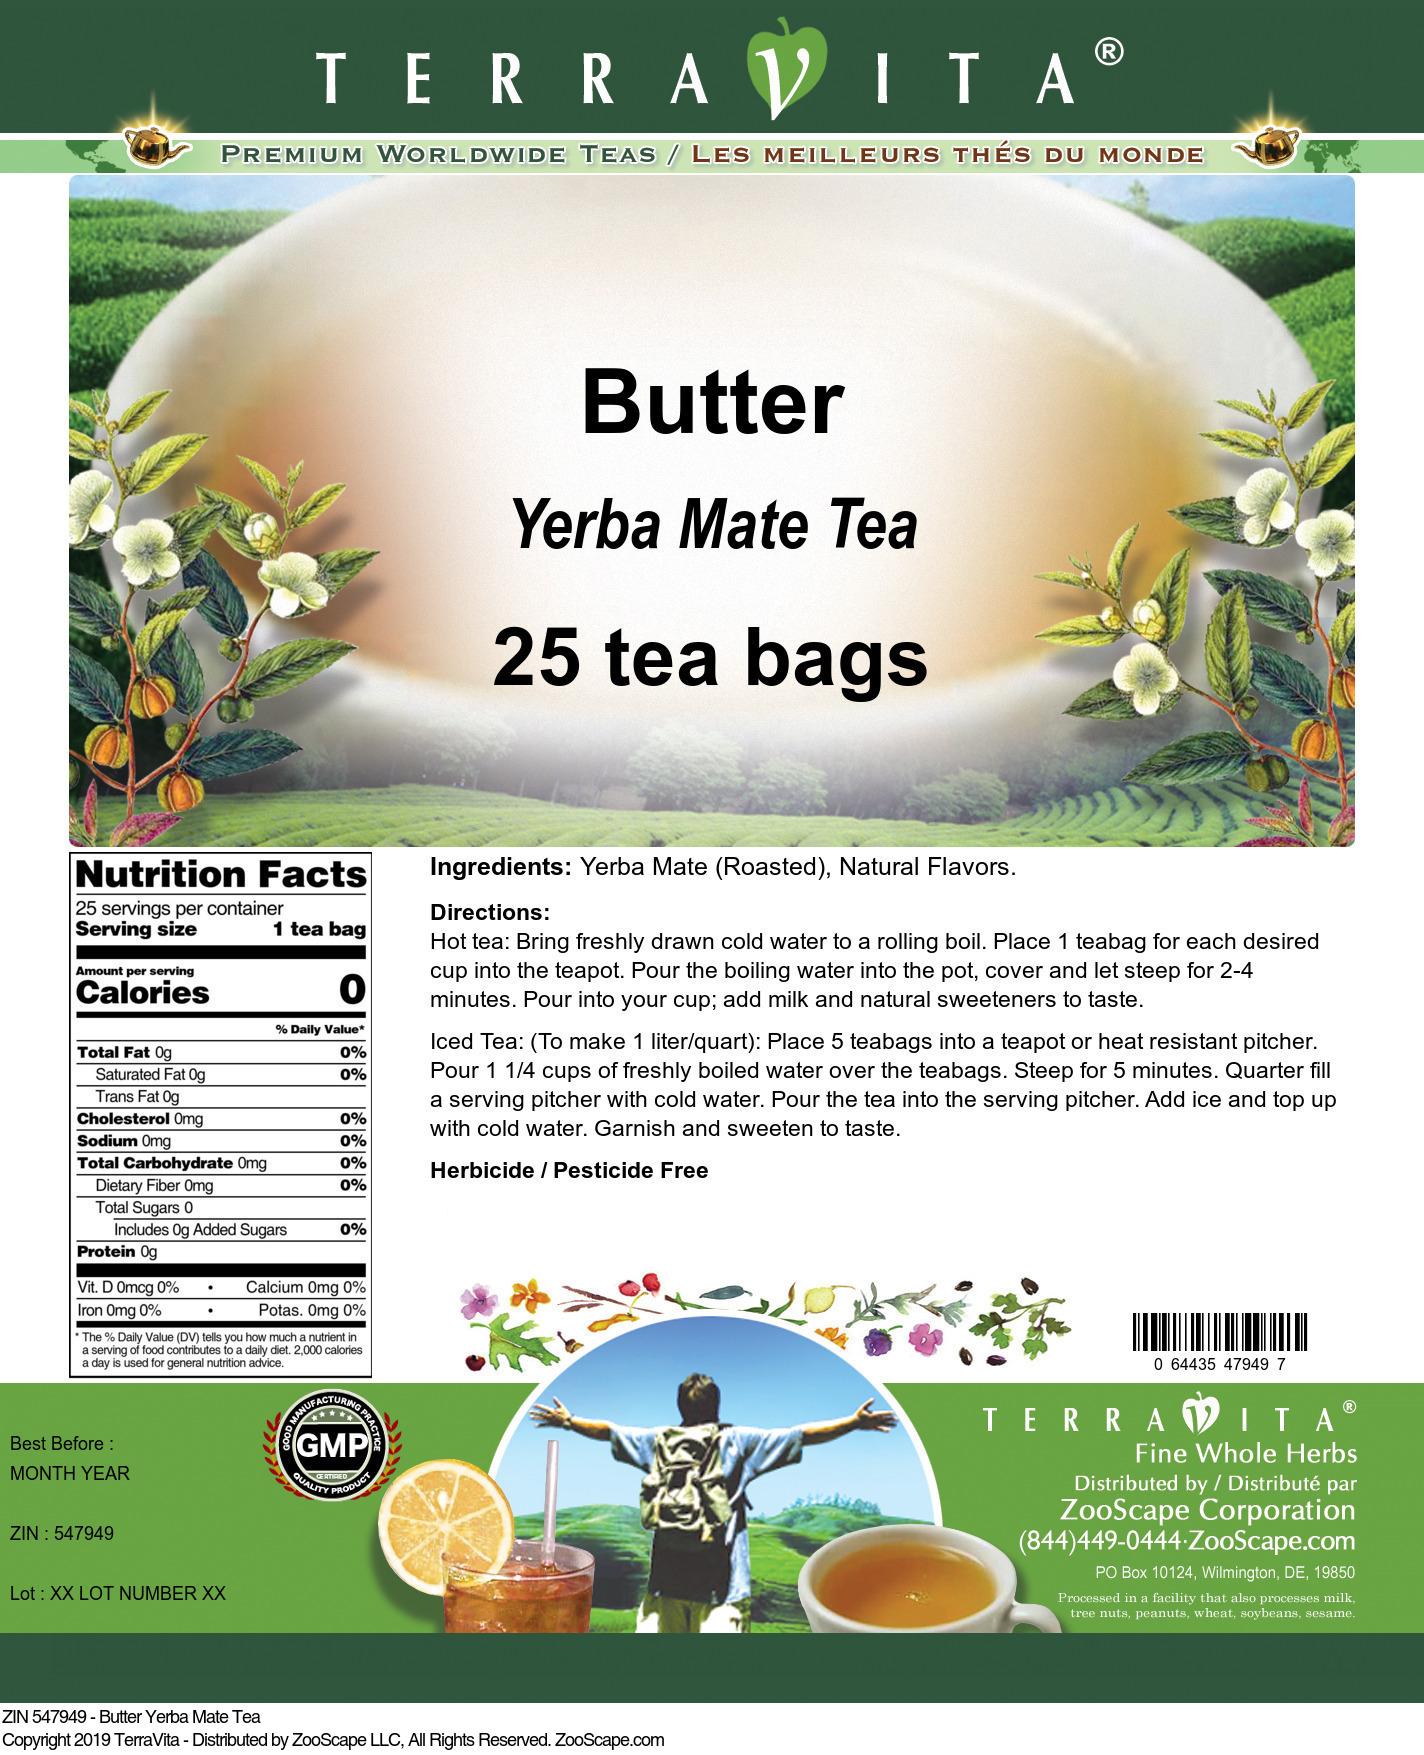 Butter Yerba Mate Tea